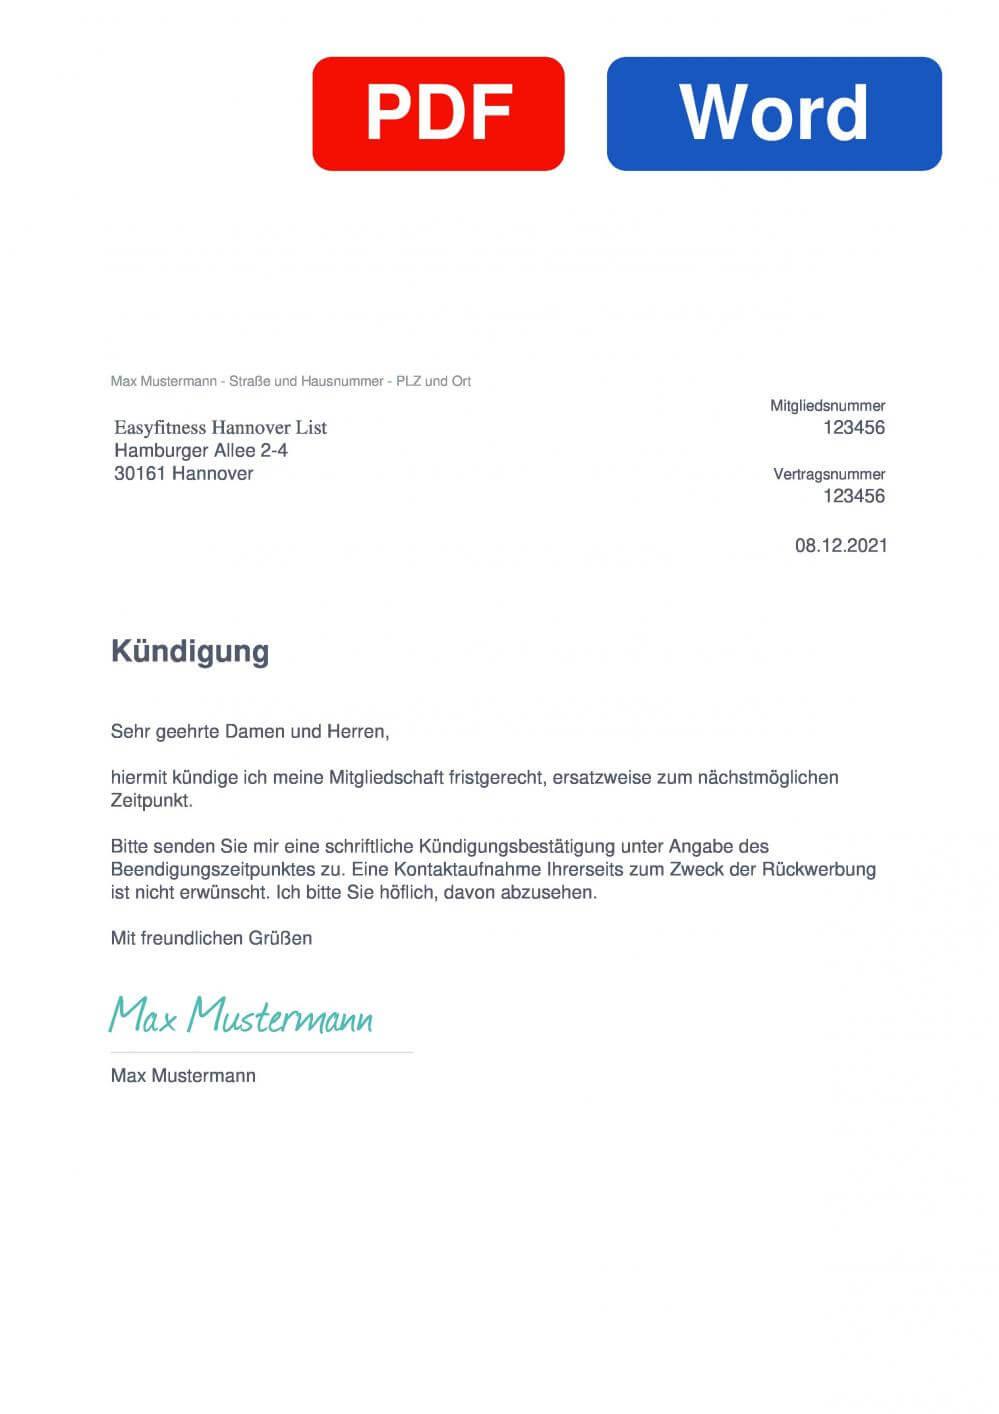 EASYFITNESS Hannover List Muster Vorlage für Kündigungsschreiben